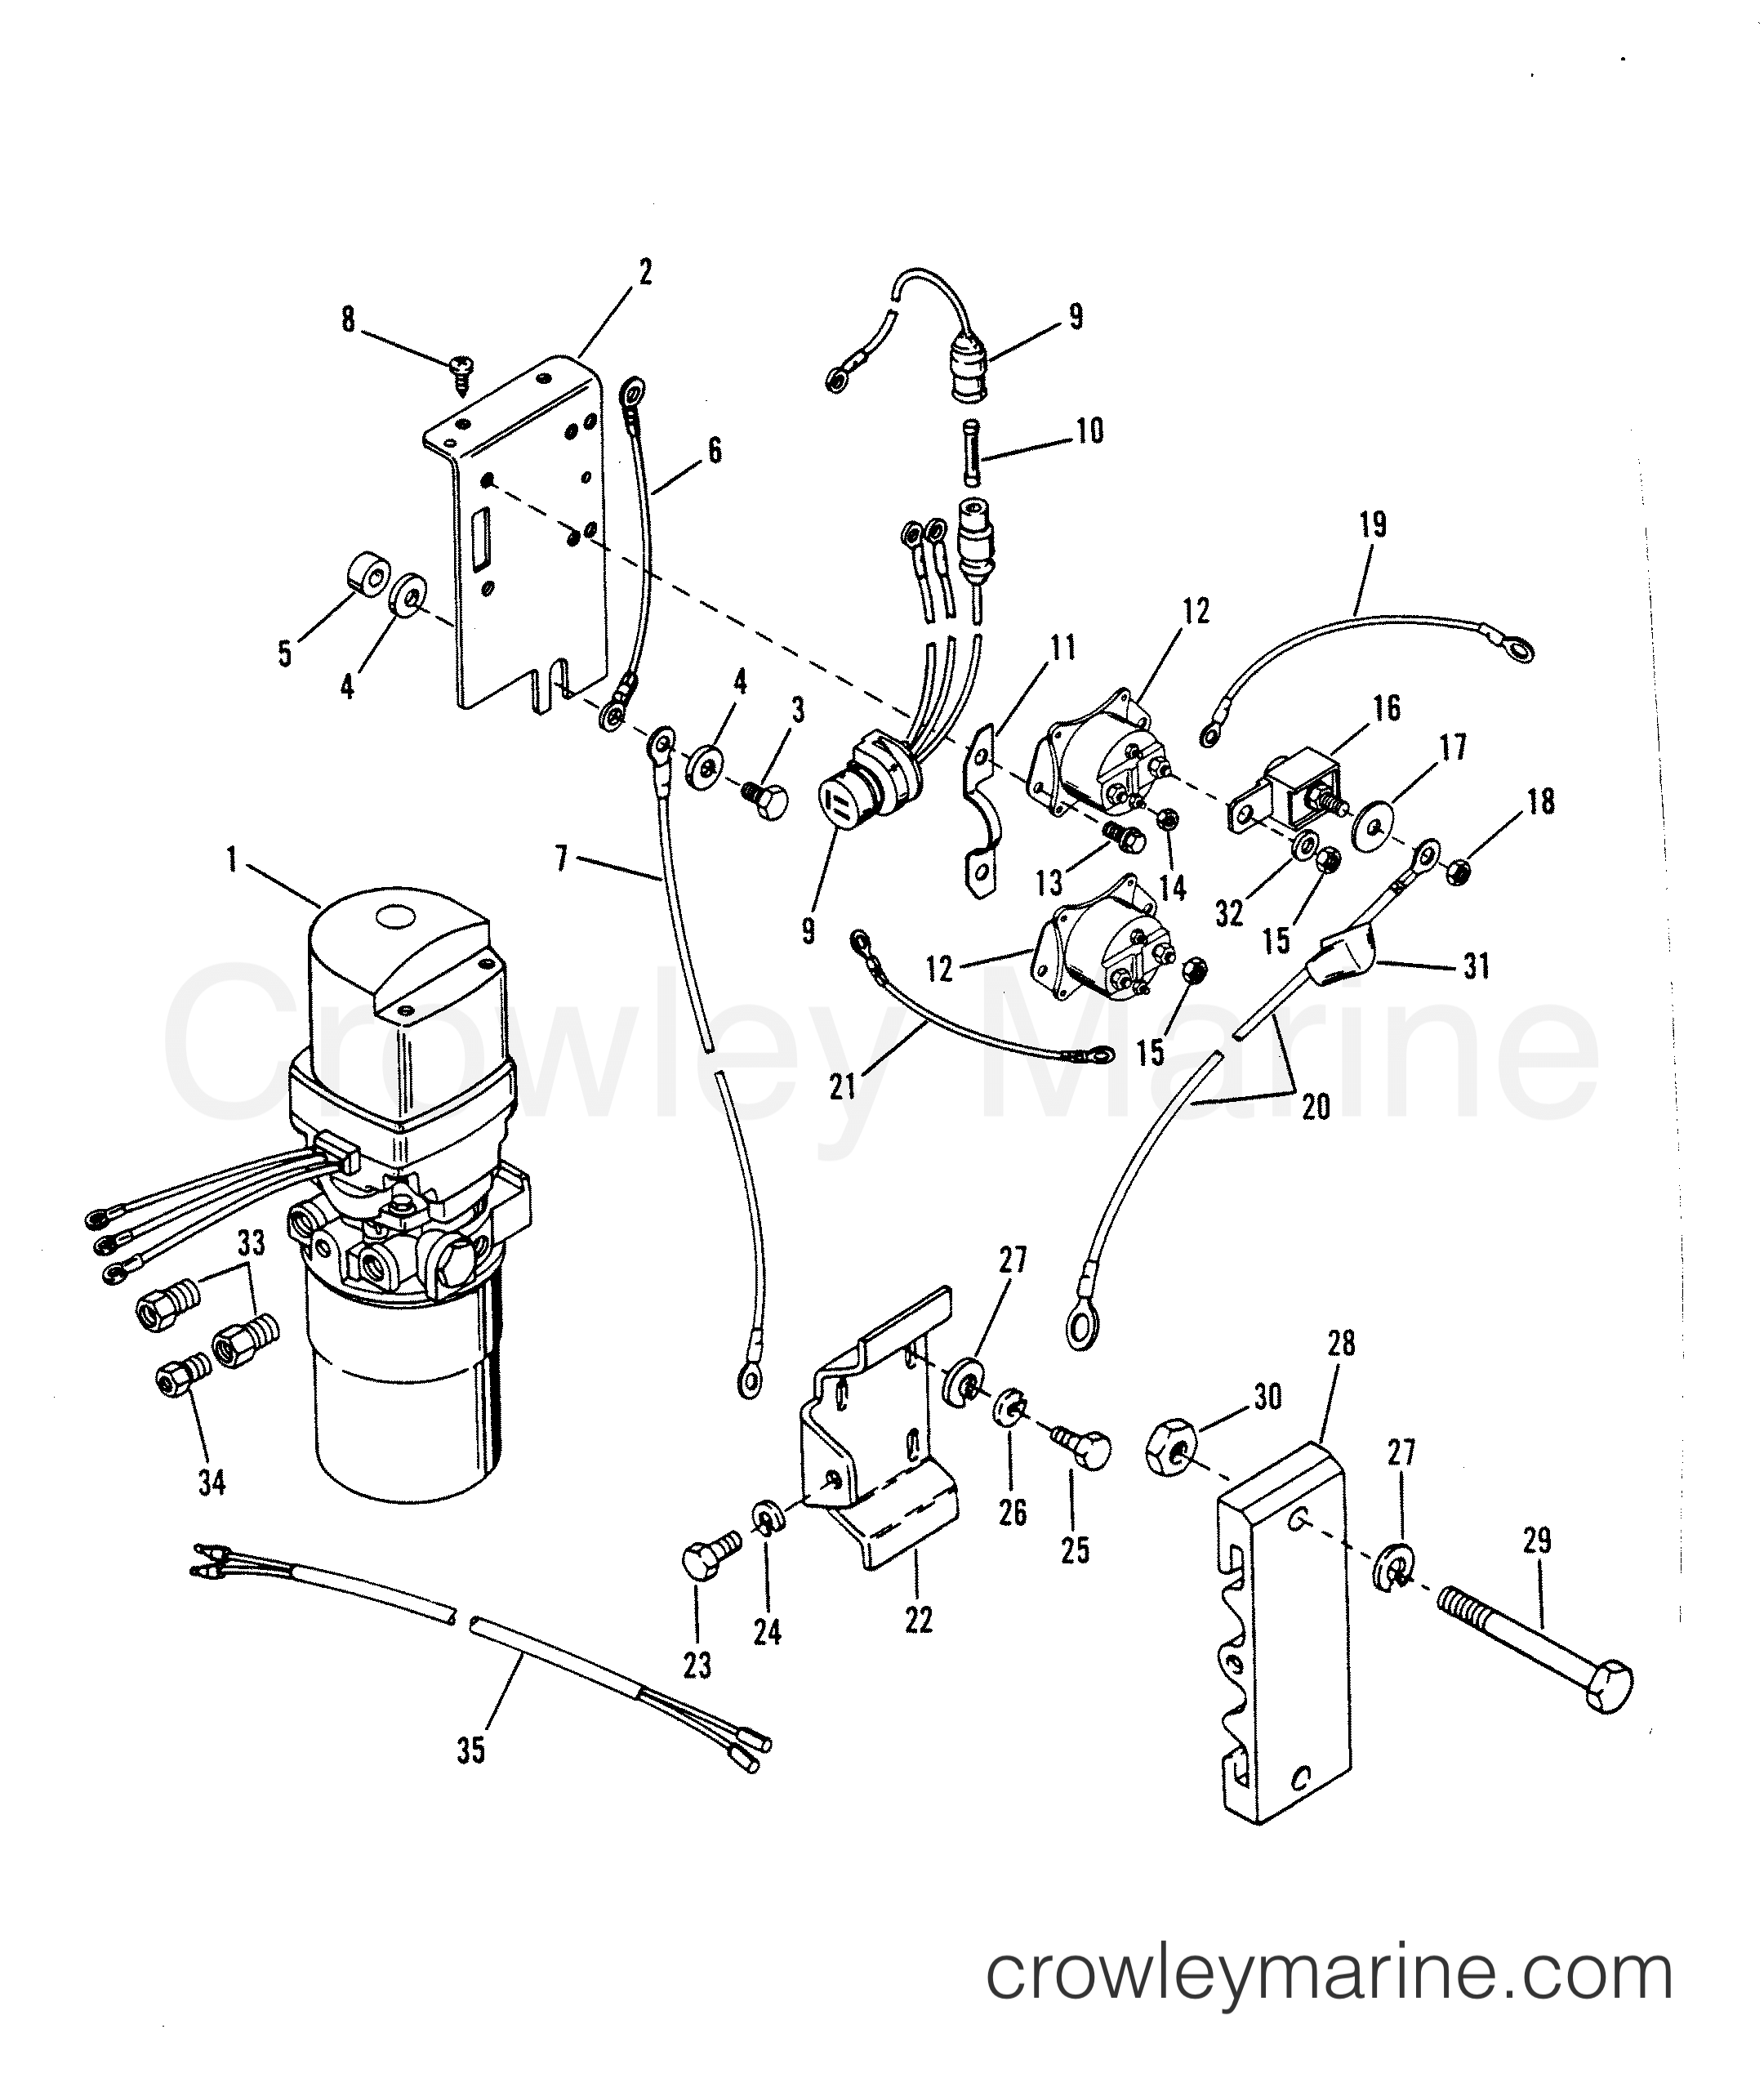 1993 Hors-bord de course Mercury 2.5 [L EFI] - 7925211BH - SUPPORTS DE MONTAGE ET POMPE HYDRAULIQUE section